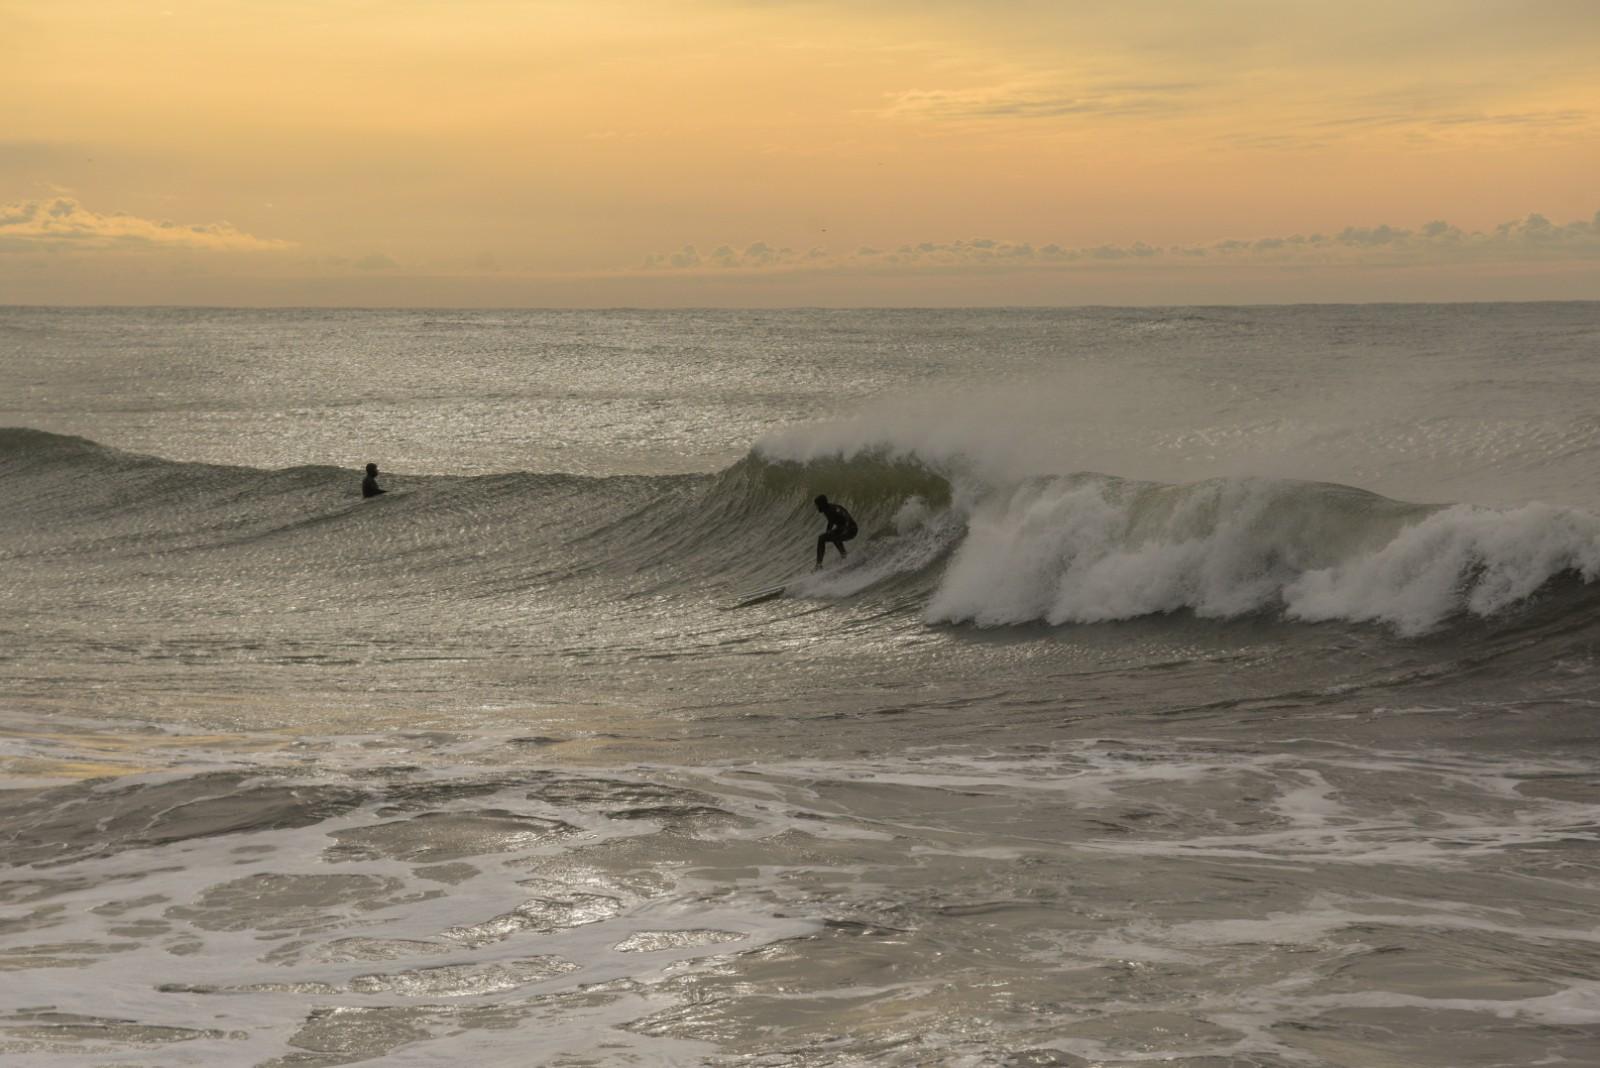 Una buena ola que debió esperar 110 días para ser aprovechada por un surfer.